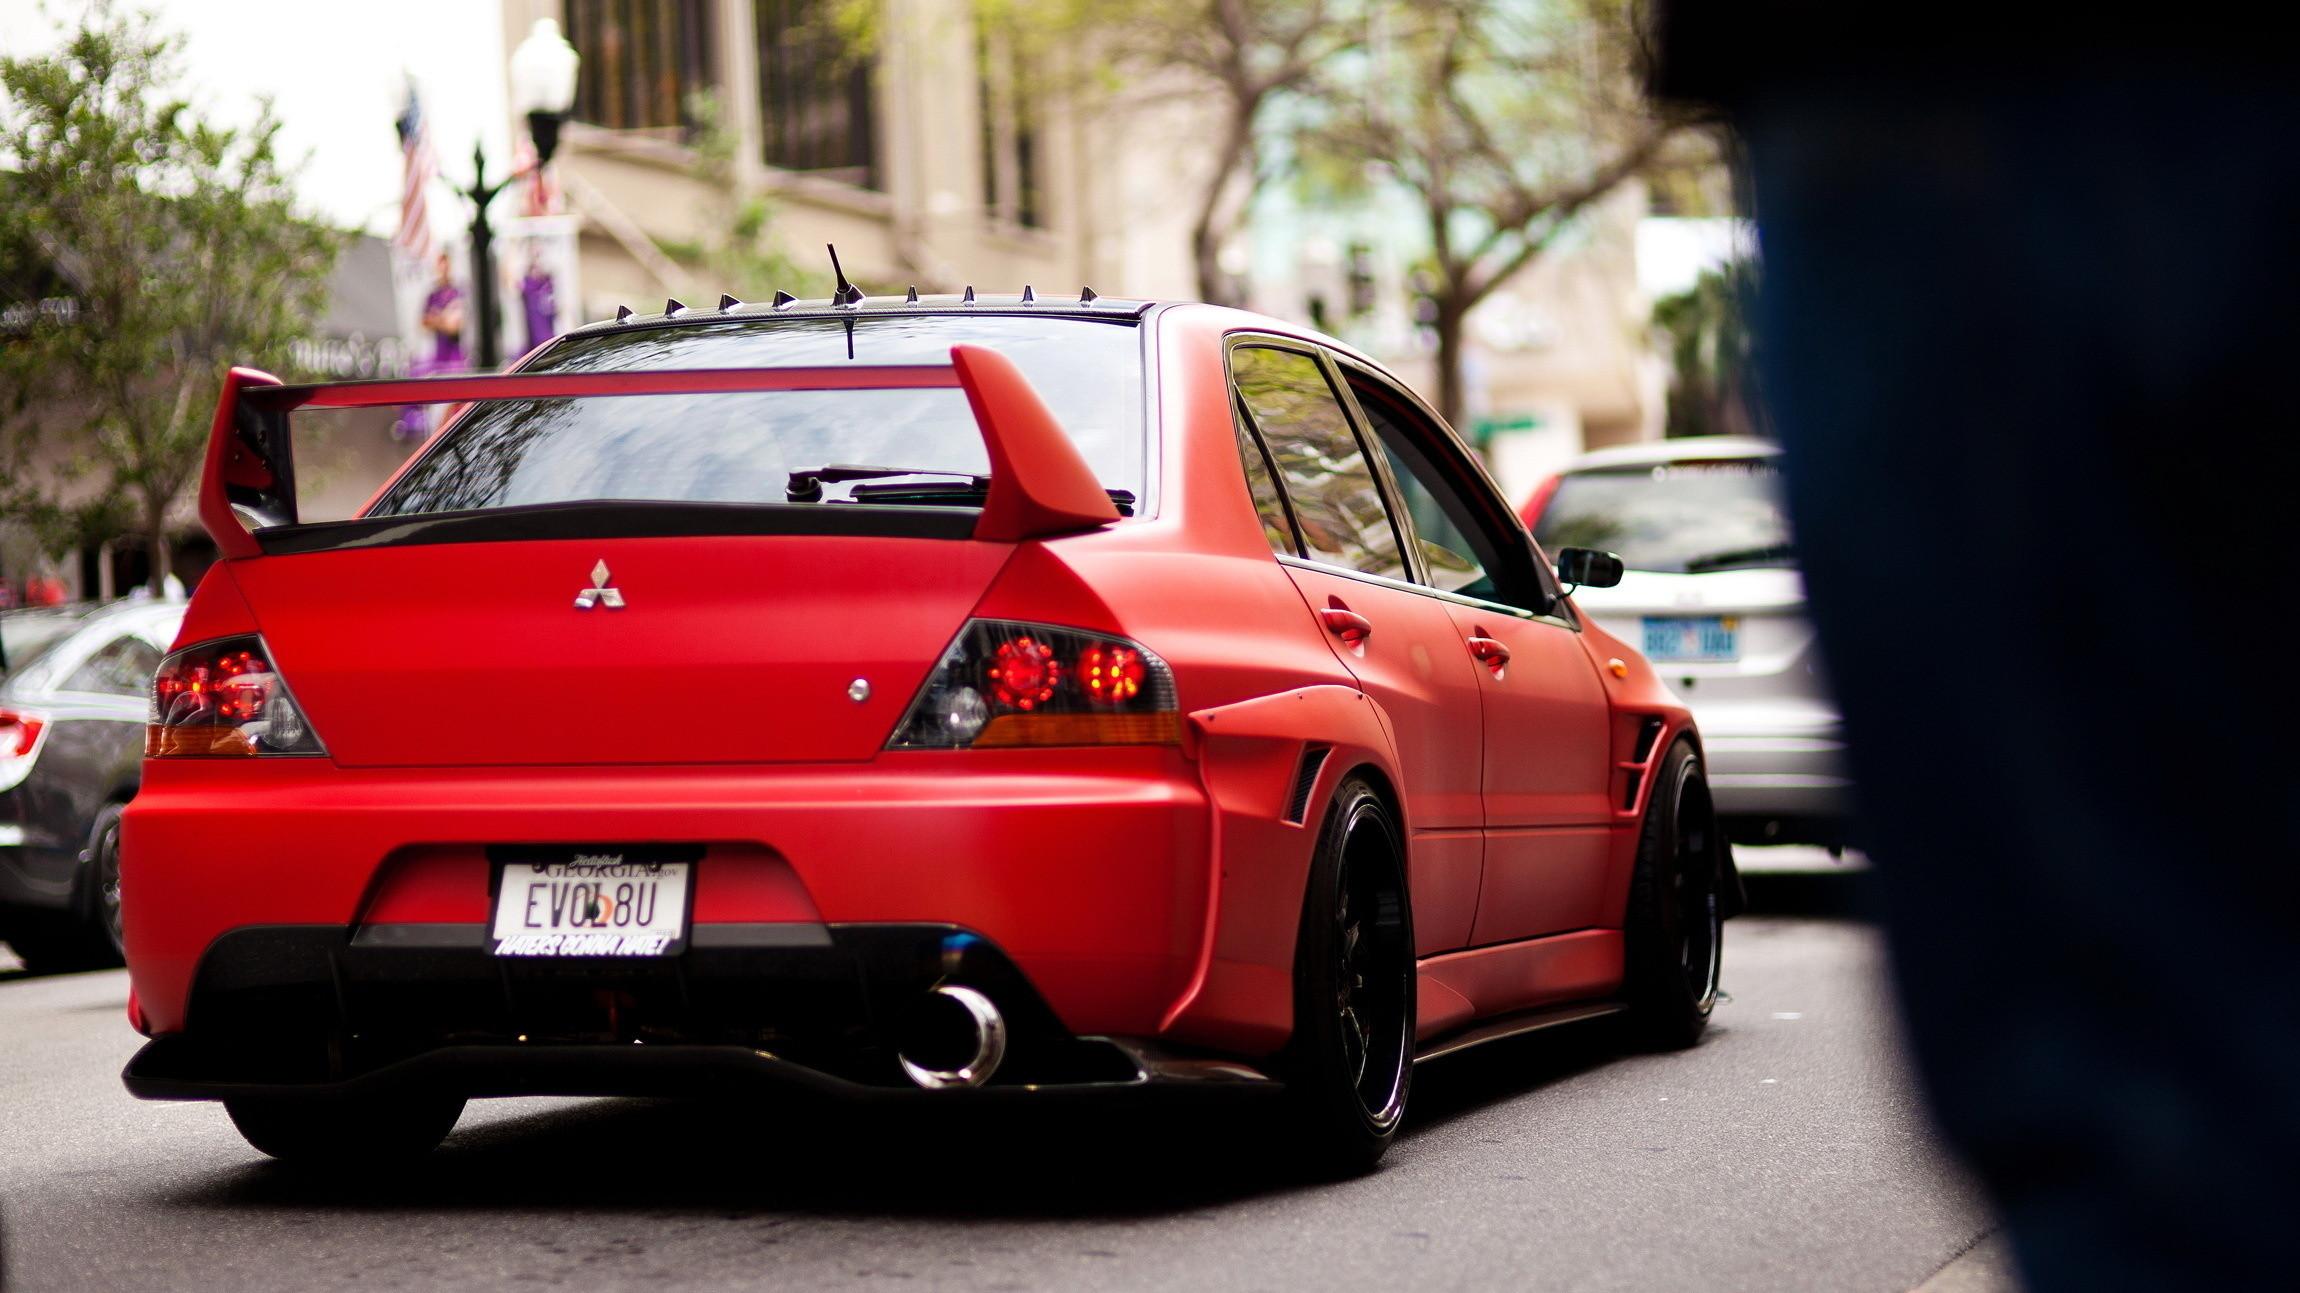 Devil 16 Car Wallpaper Mitsubishi Evo 8 Wallpaper 53 Images